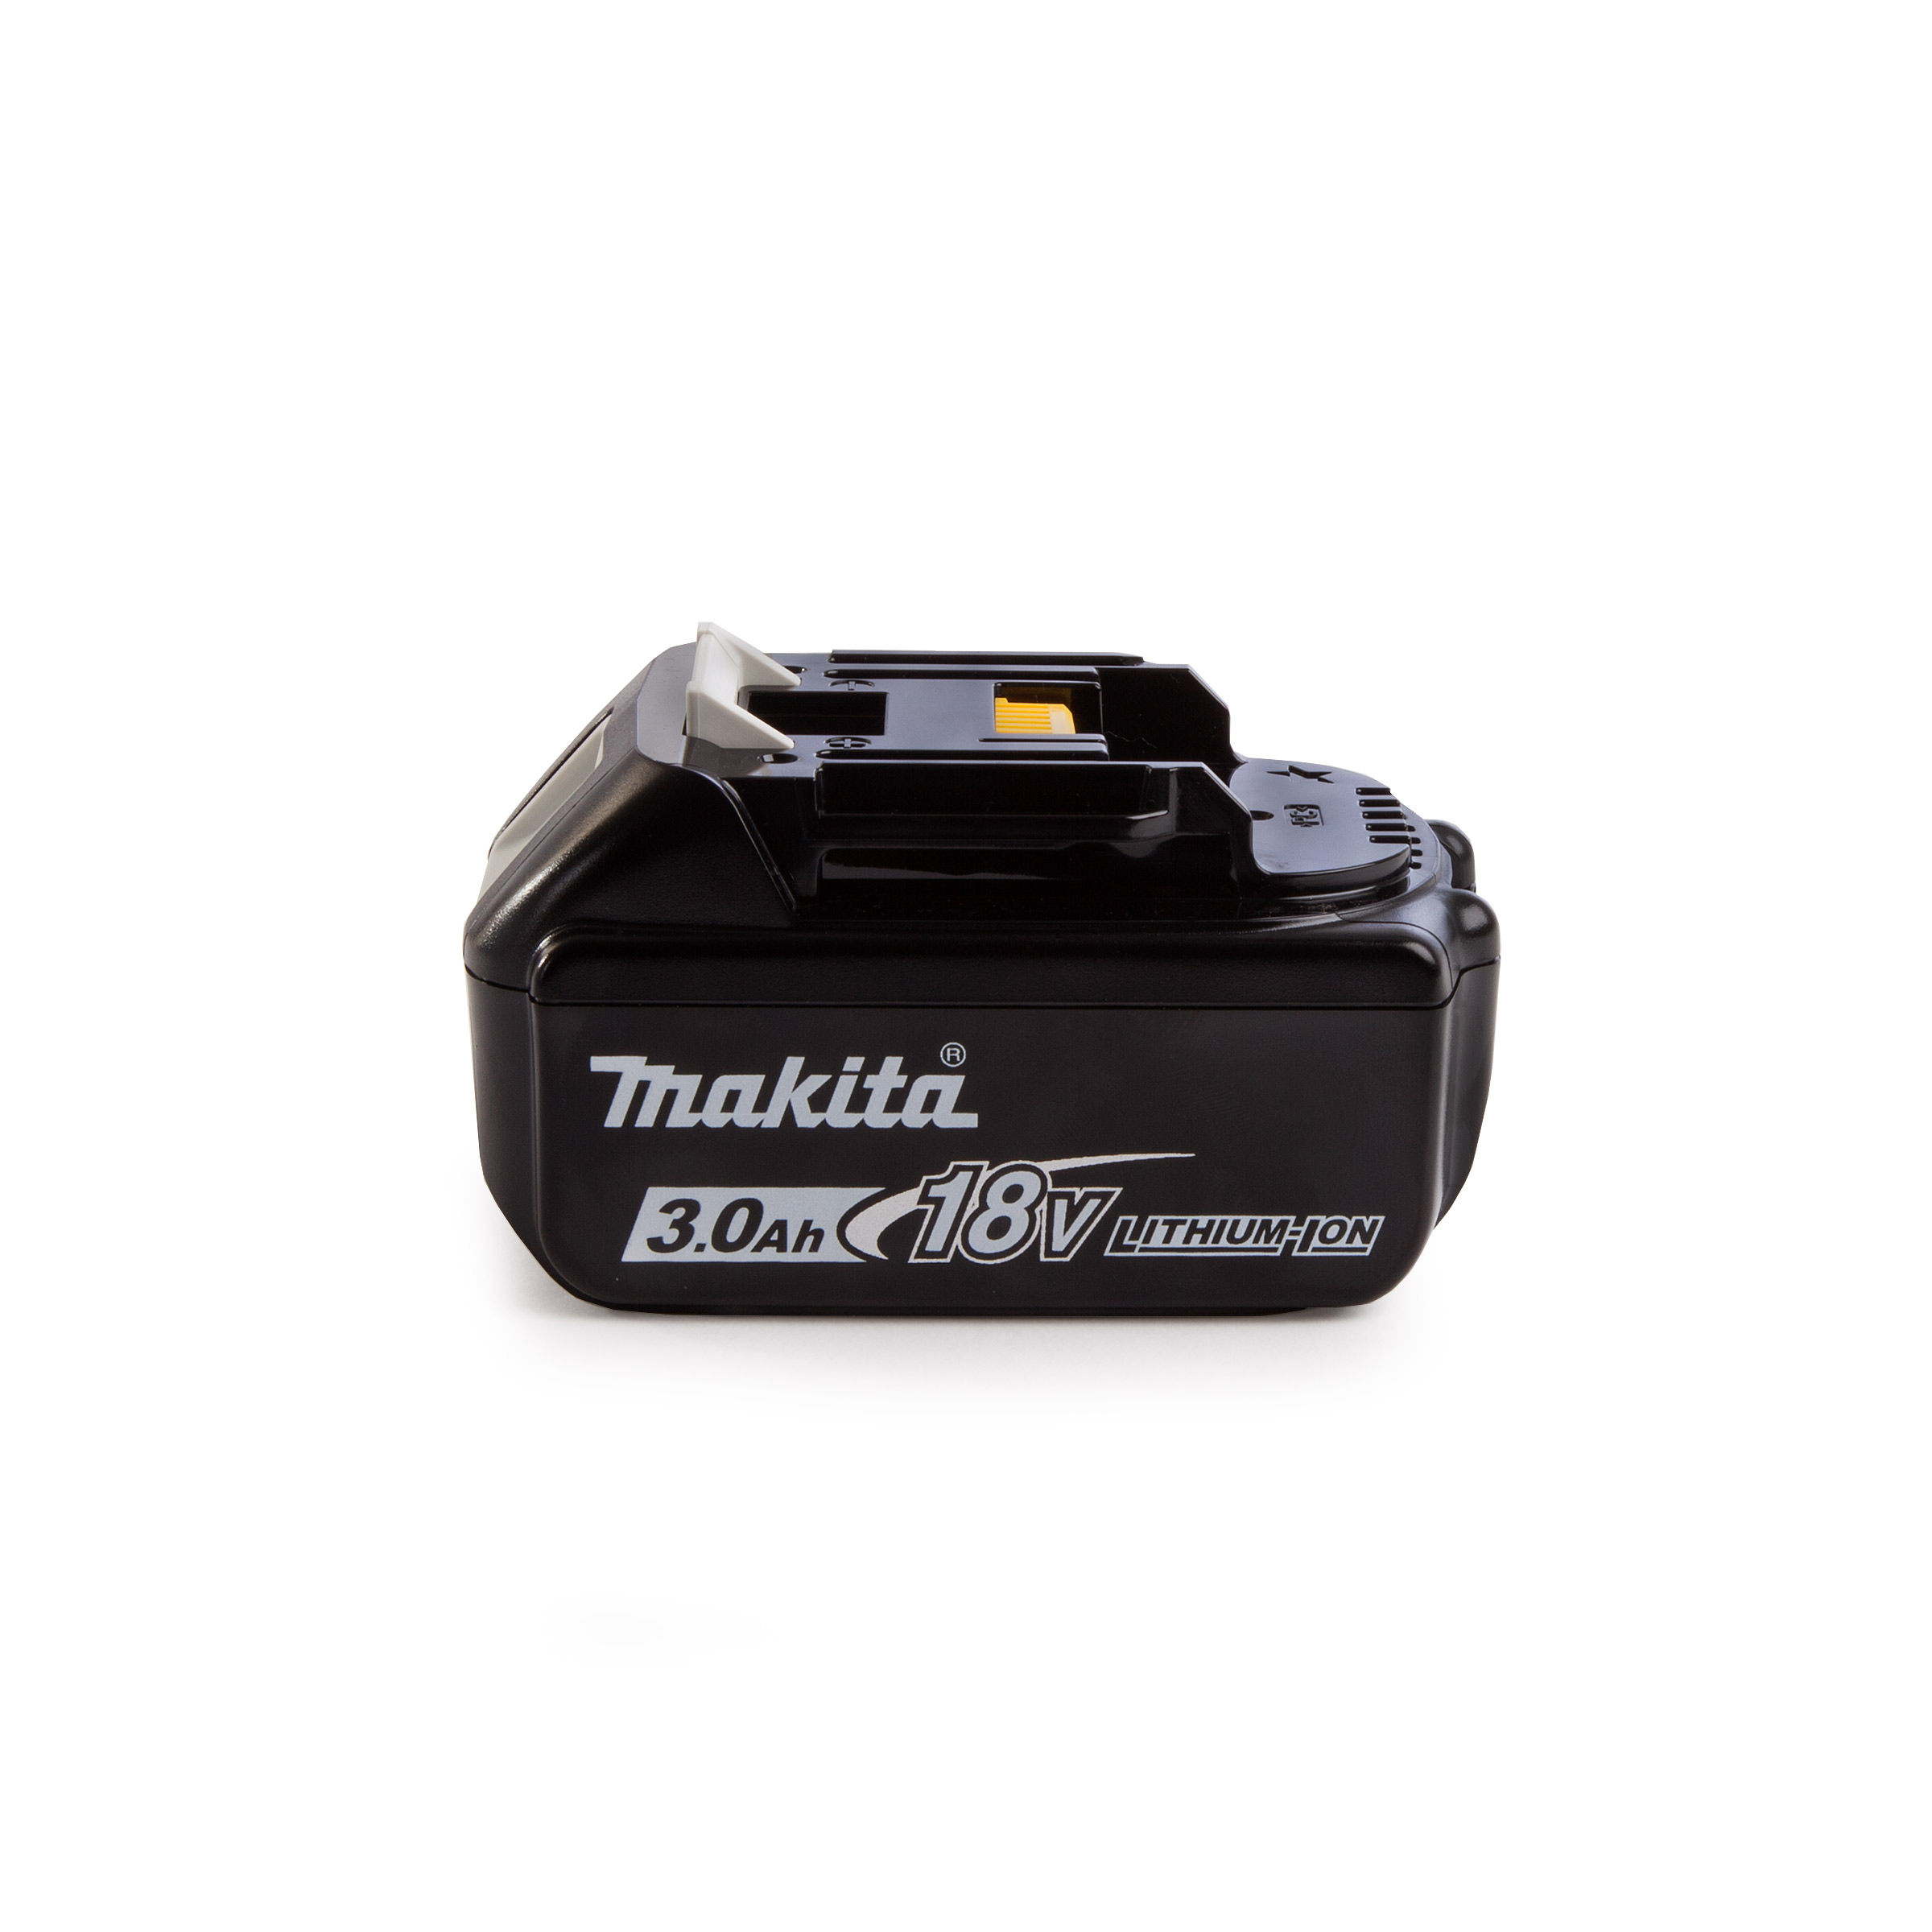 Makita BL1830B 18V Li-ion Battery 3.0Ah c//w Charge Level Indicator